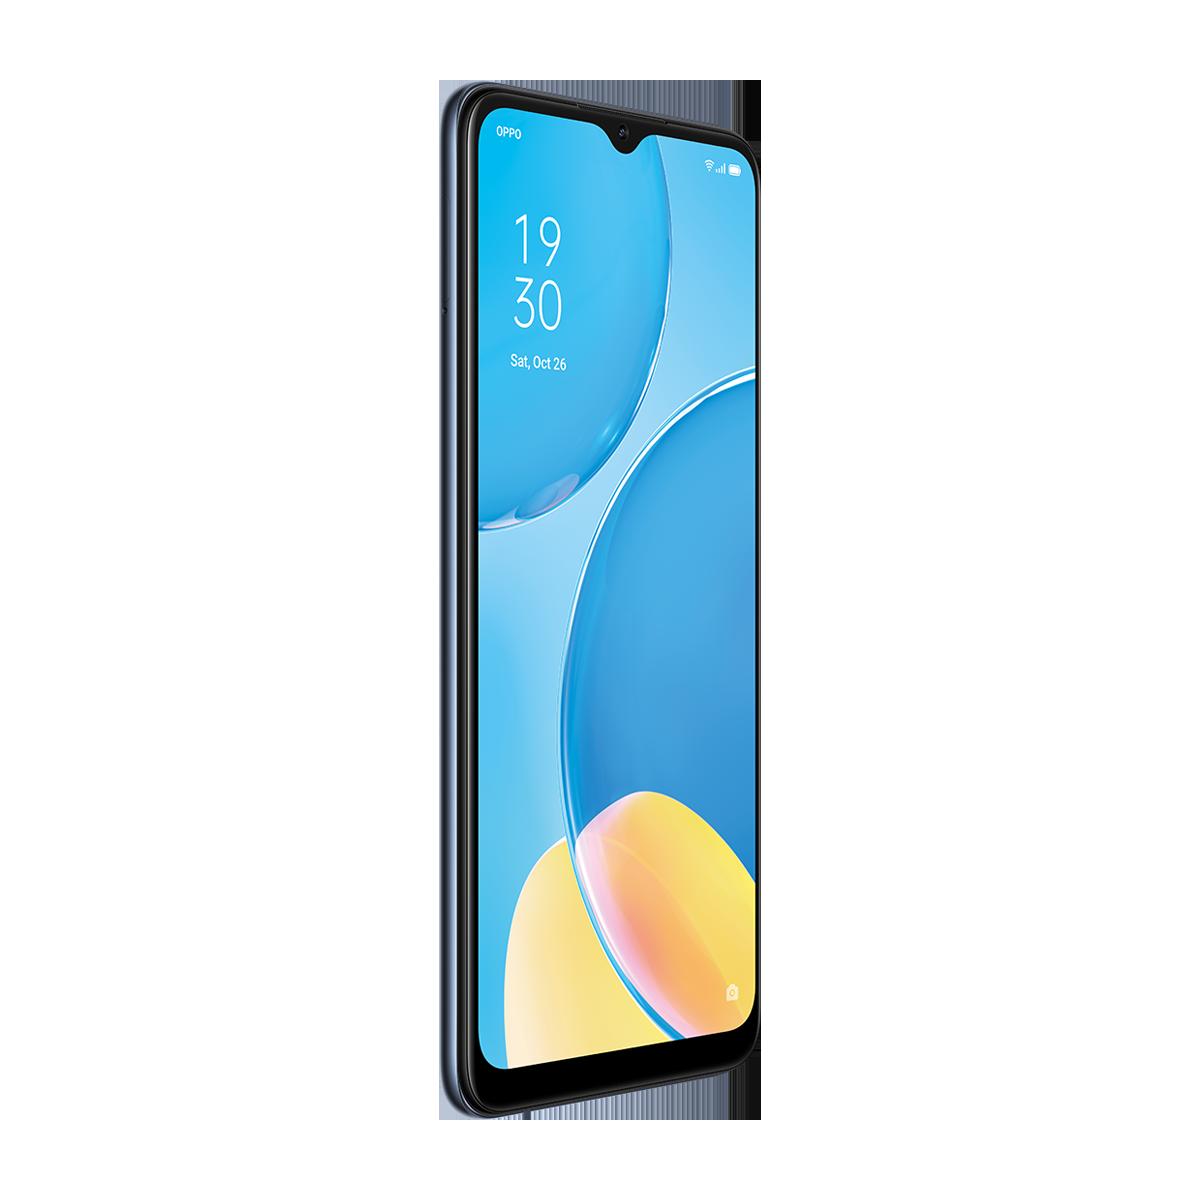 Etkileyici Tasarımı ile Oppo A15S 64 GB Cep Telefonu